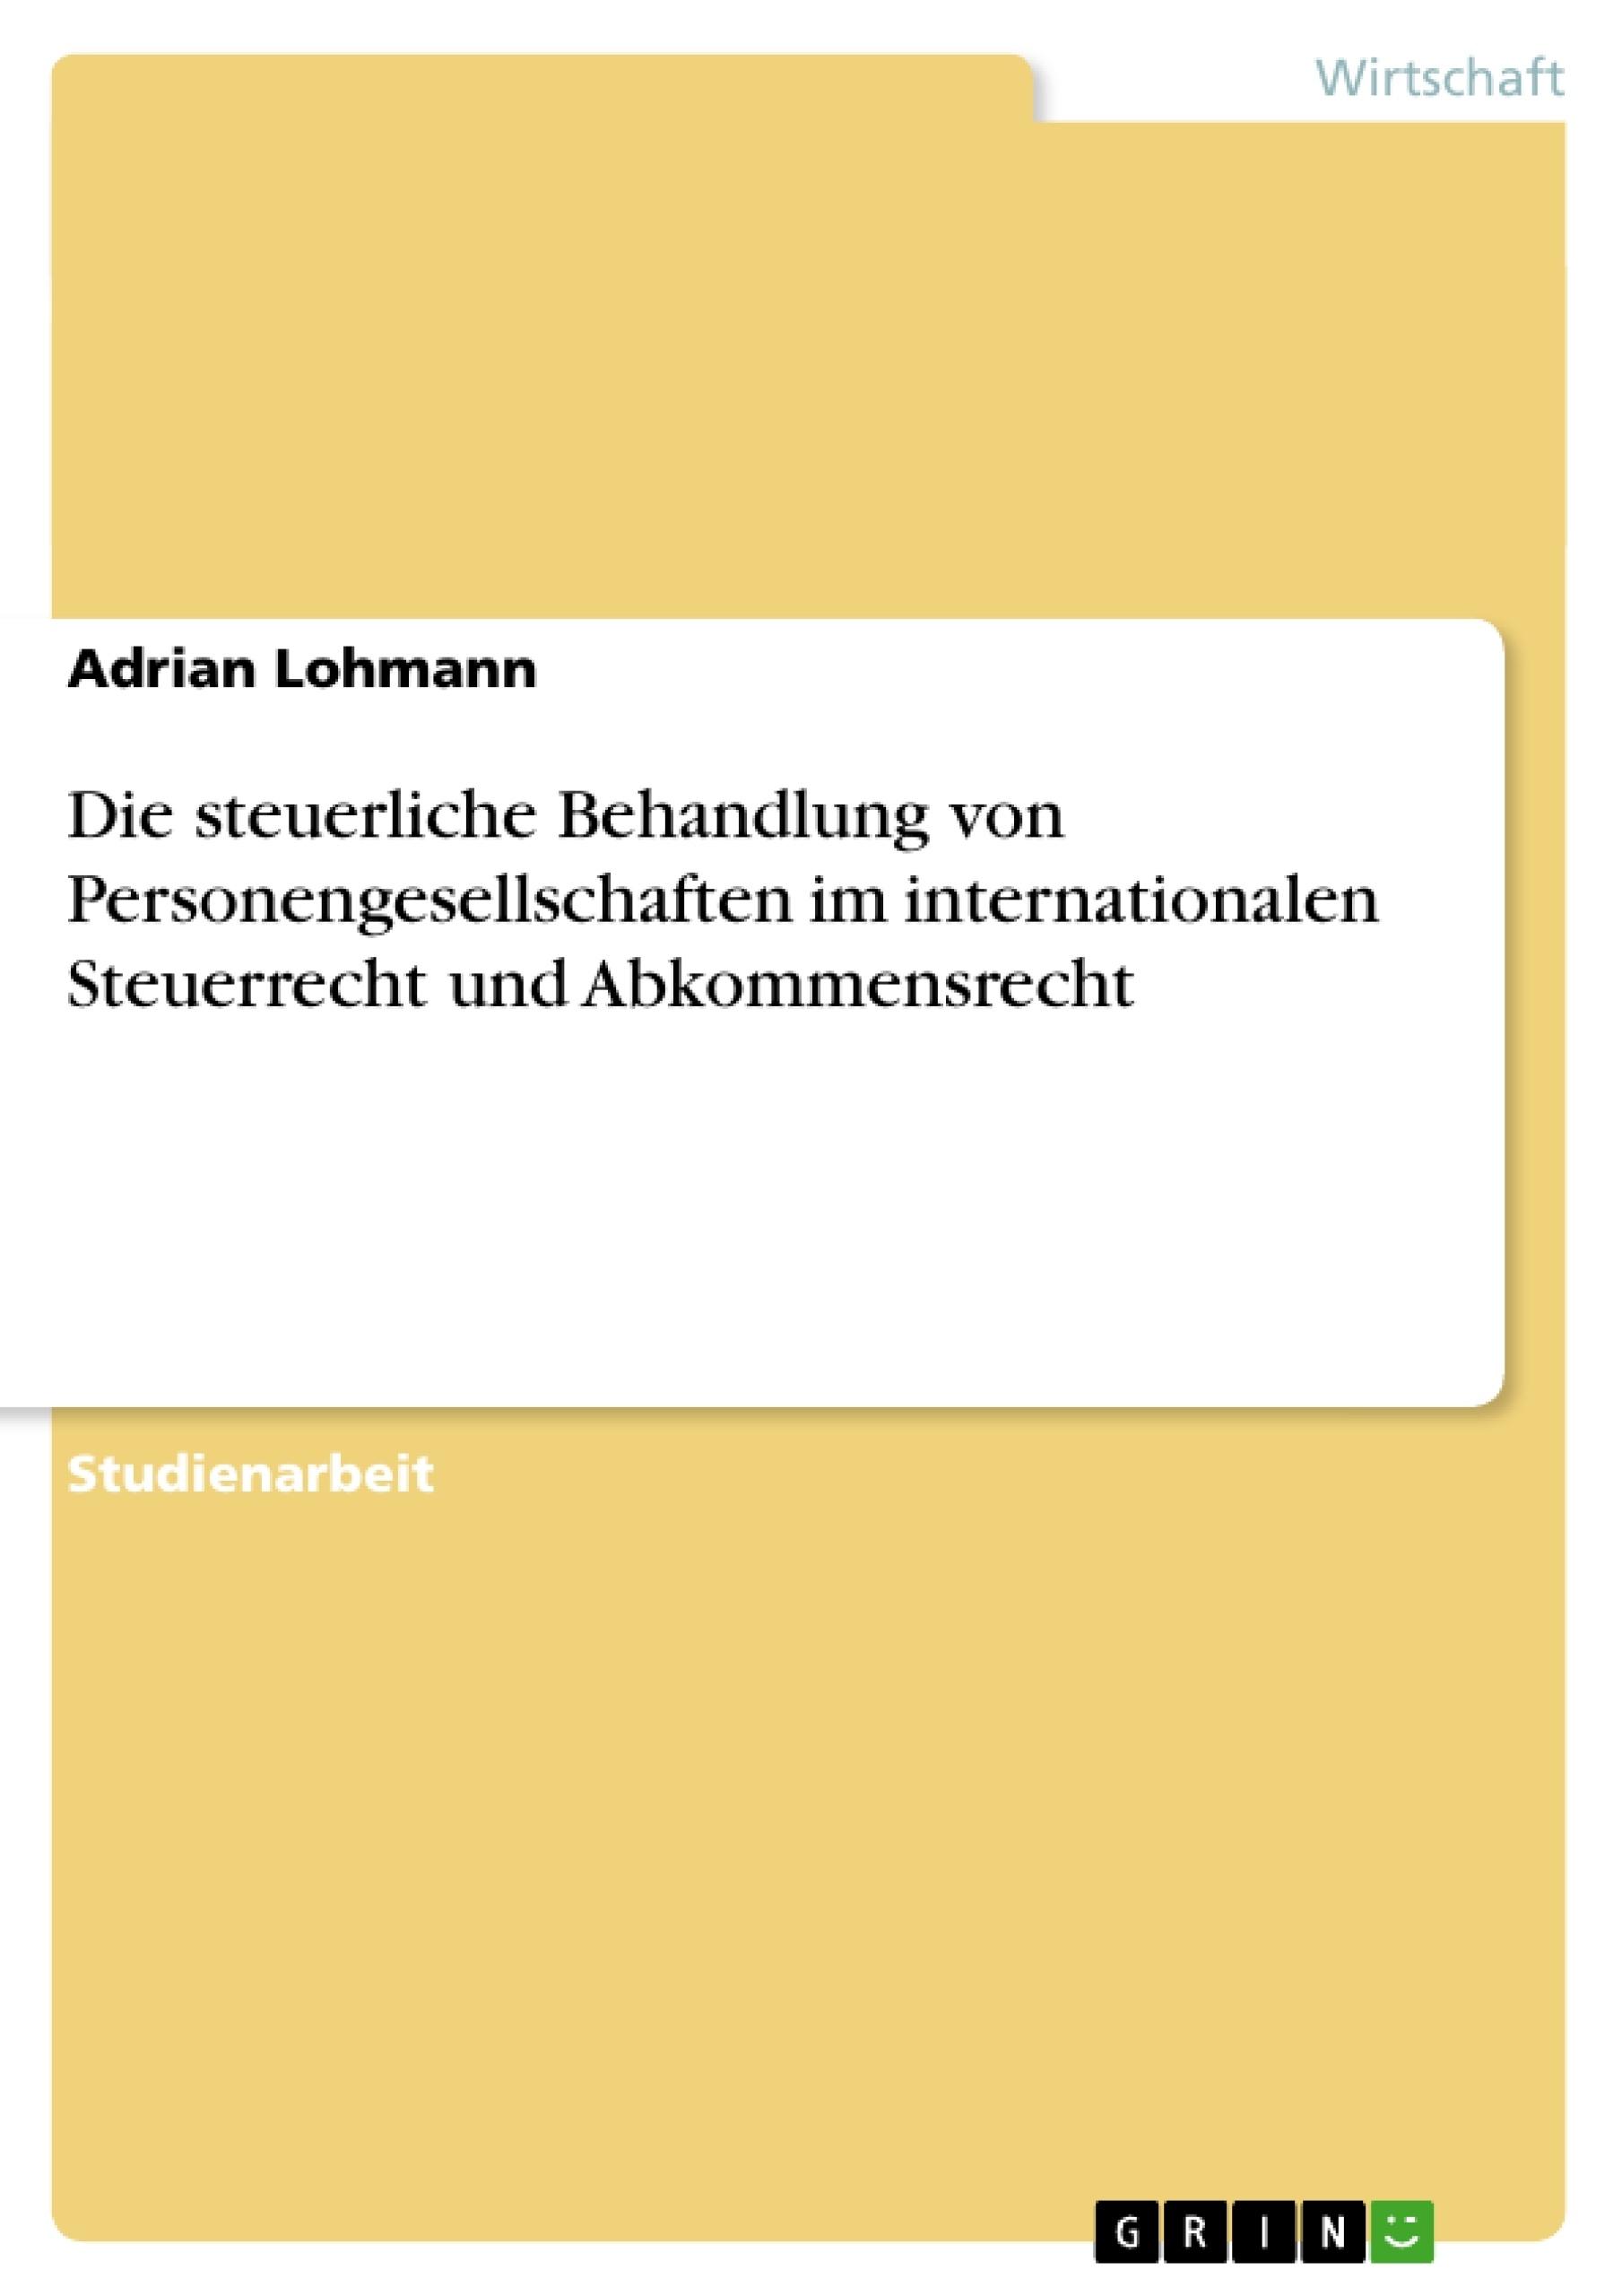 Titel: Die steuerliche Behandlung von Personengesellschaften im internationalen Steuerrecht und Abkommensrecht